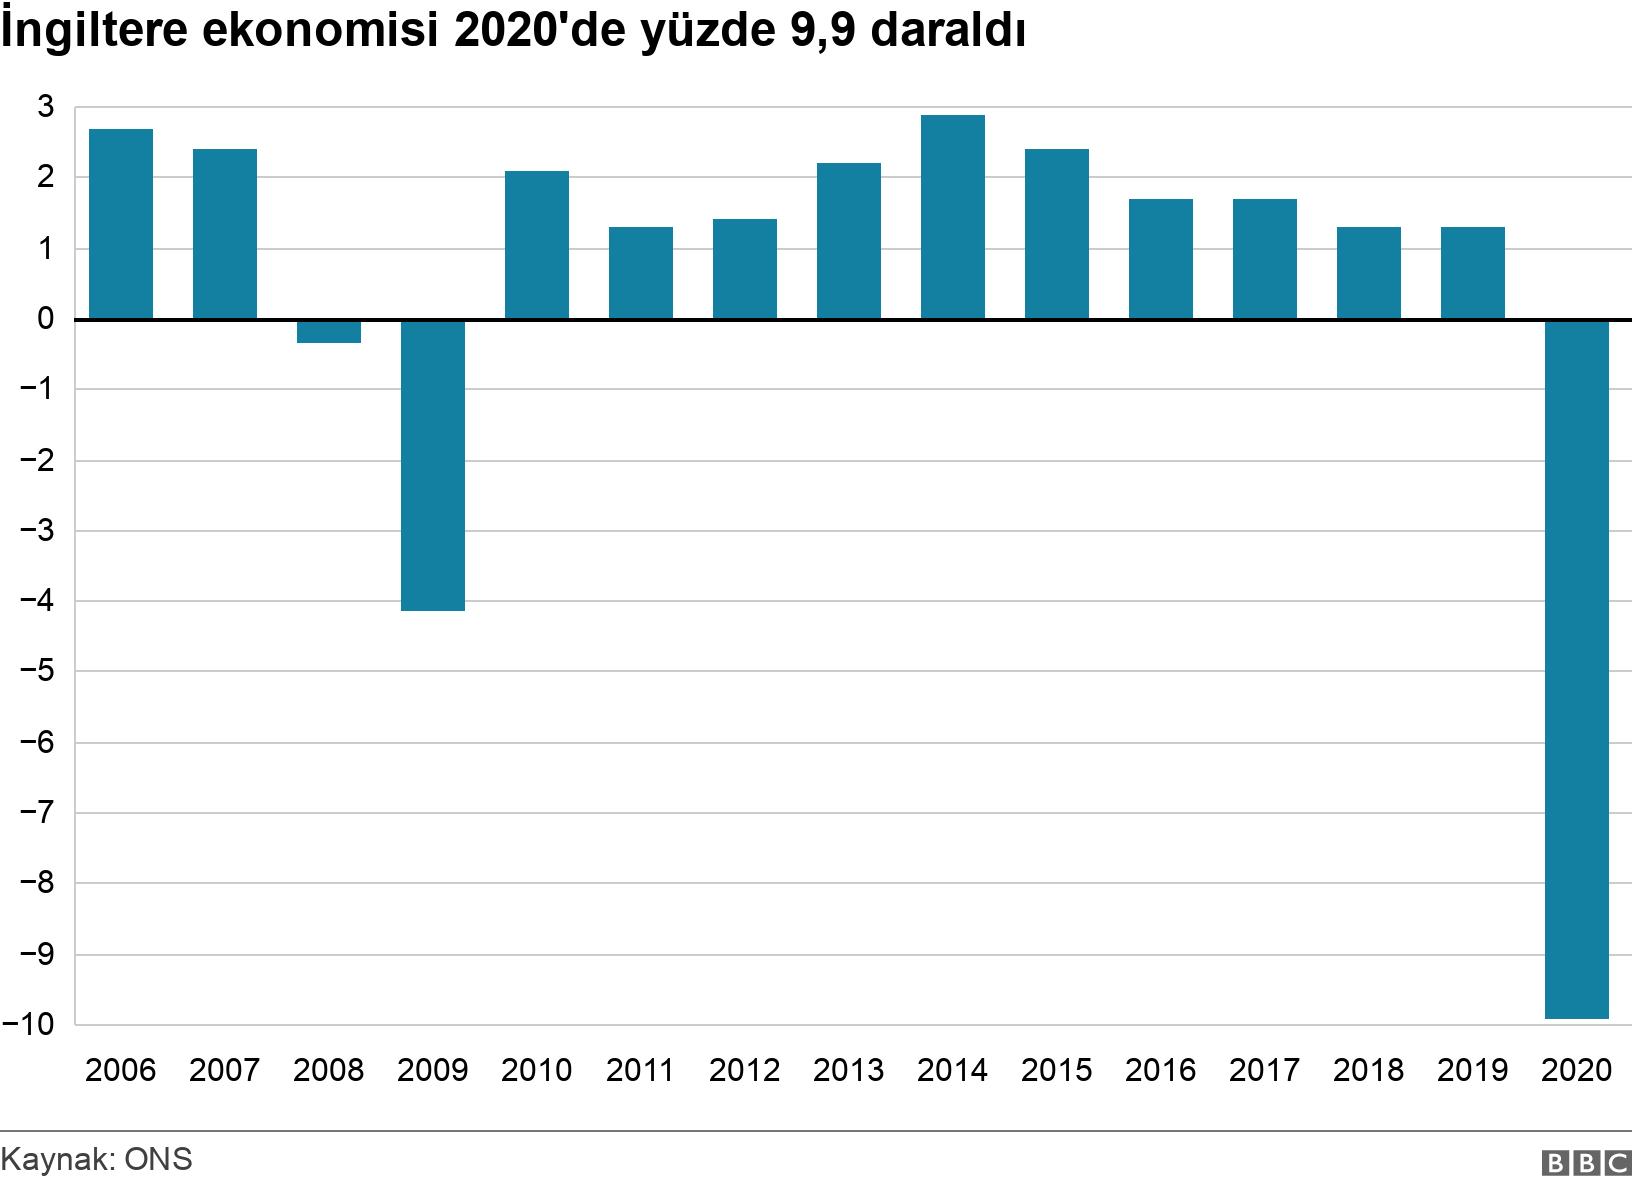 İngiltere ekonomisi 2020'de yüzde 9,9 daraldı. .  .